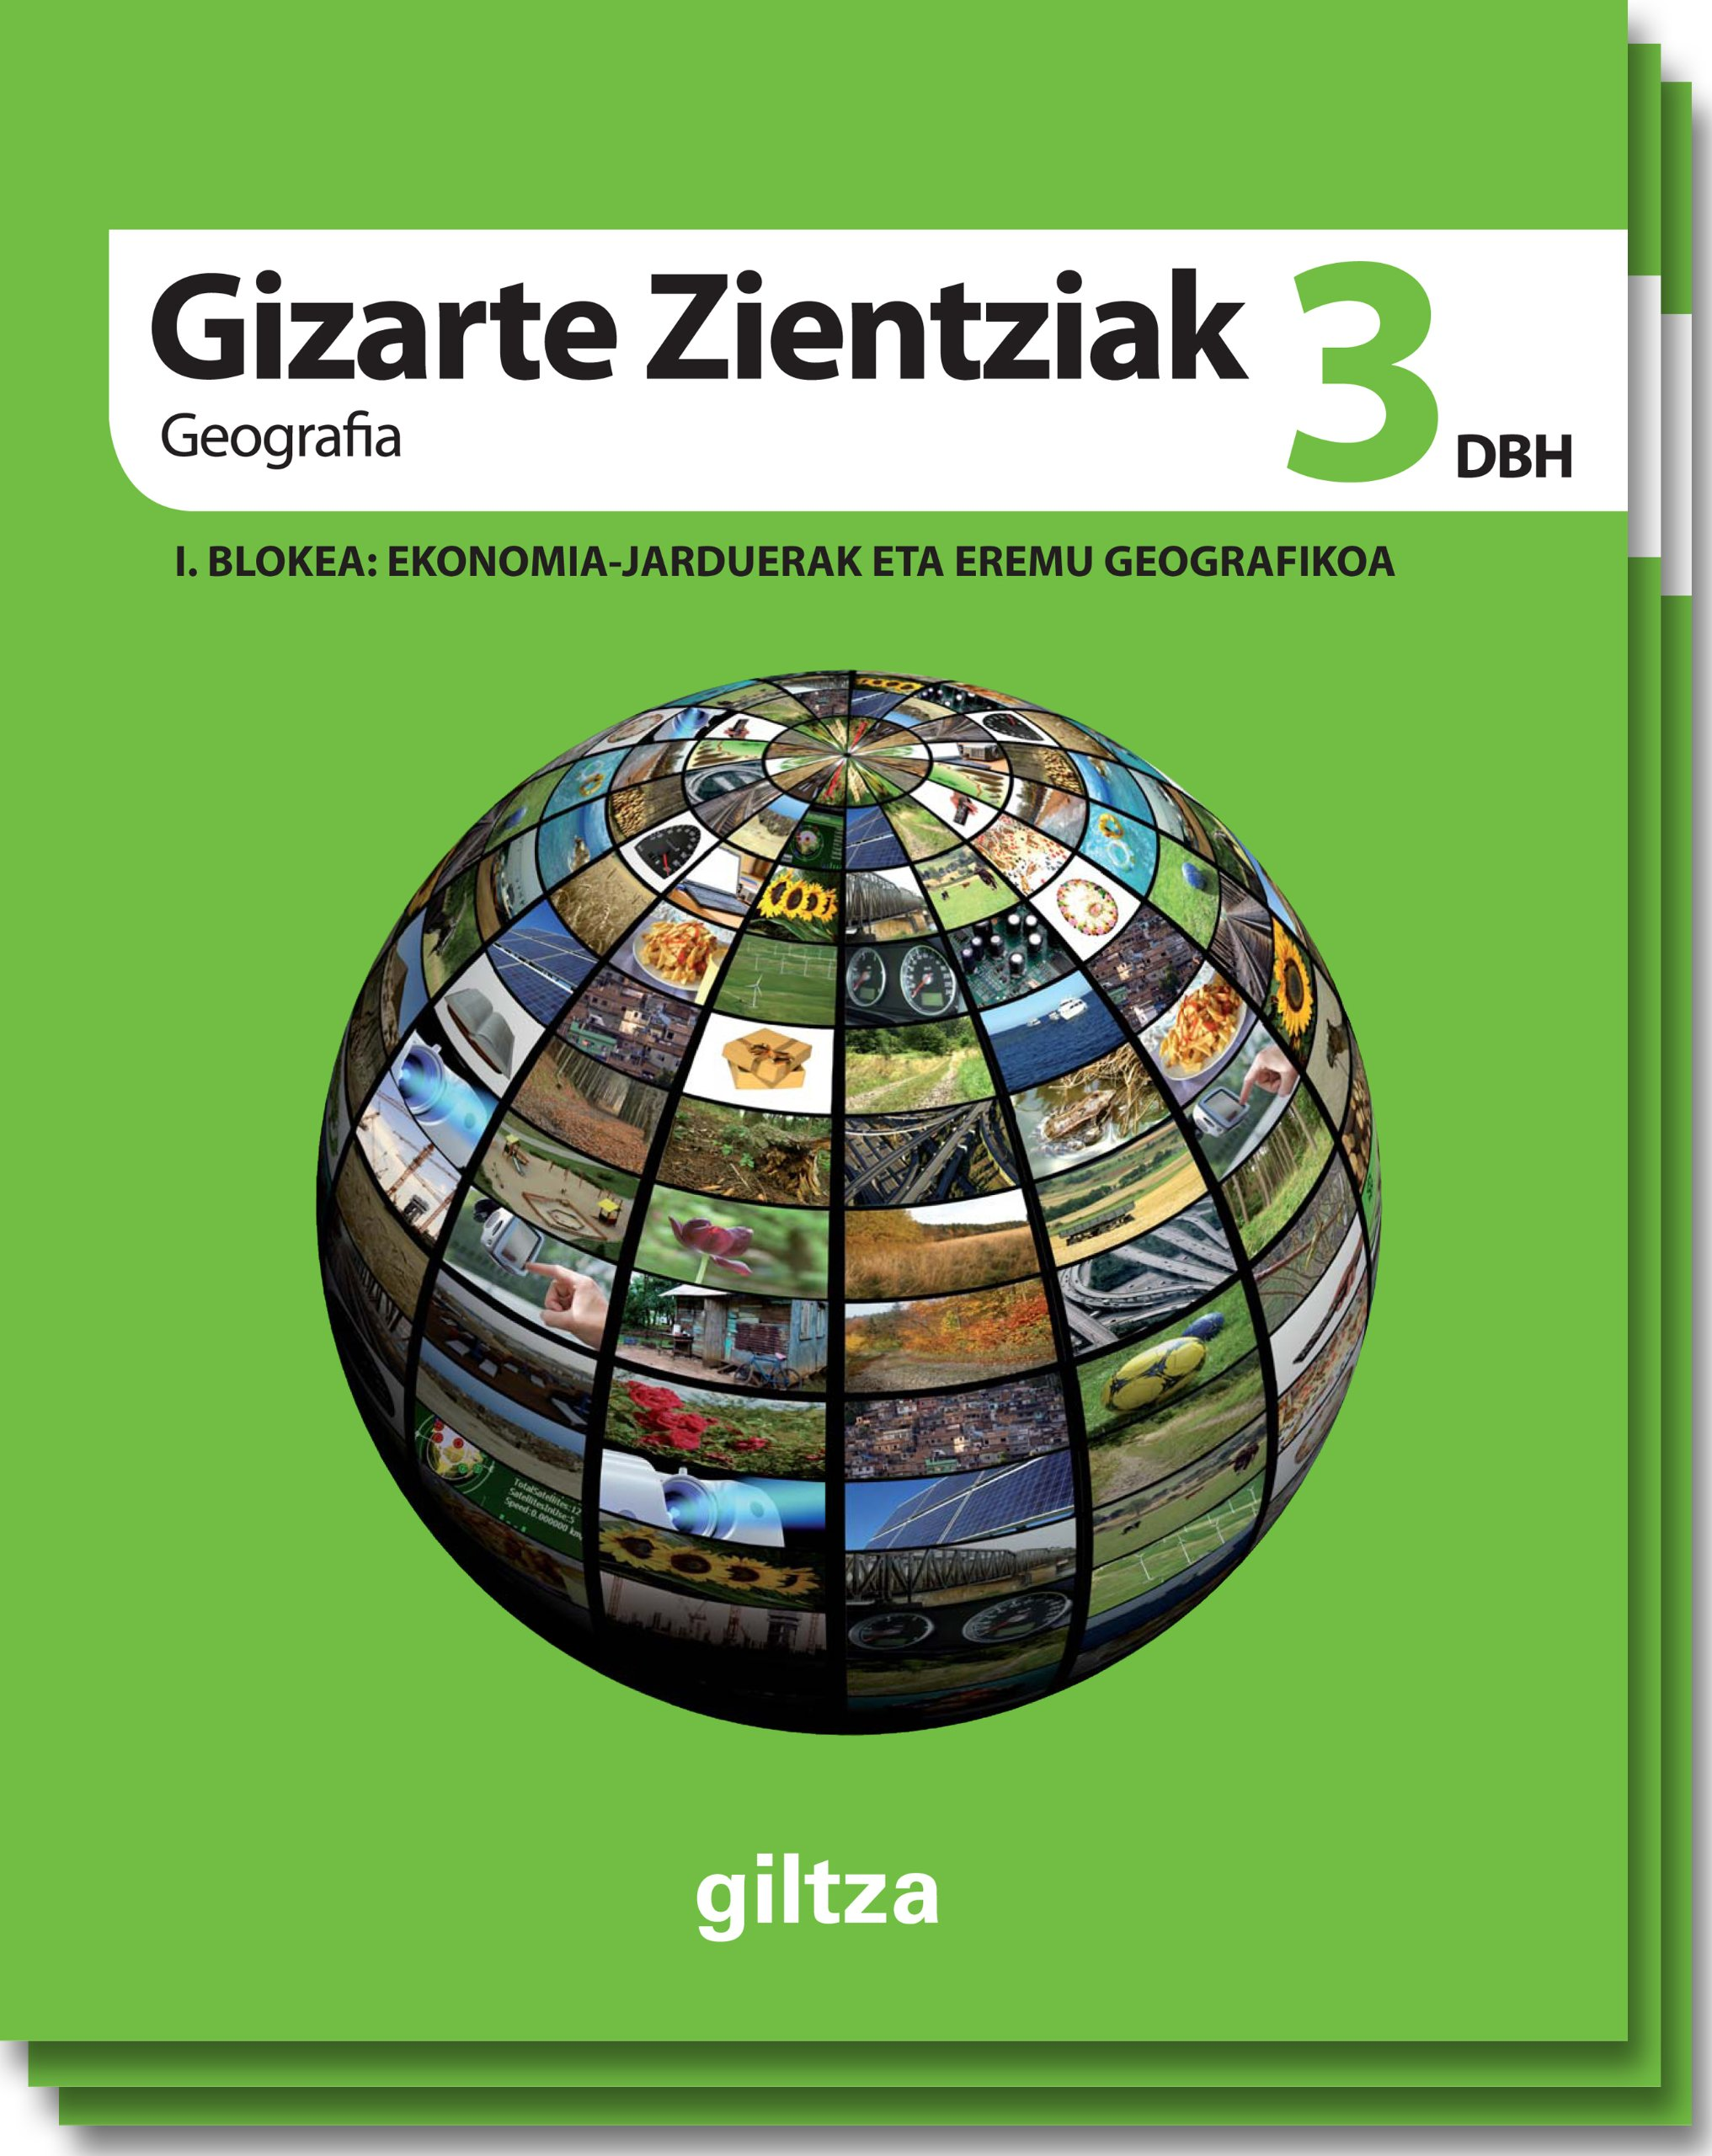 GIZARTE ZIENTZIAK, GEOGRAFIA ETA HISTORIA DBH 3 - 9788483782262: Amazon.es: Edebé, Obra Colectiva: Libros